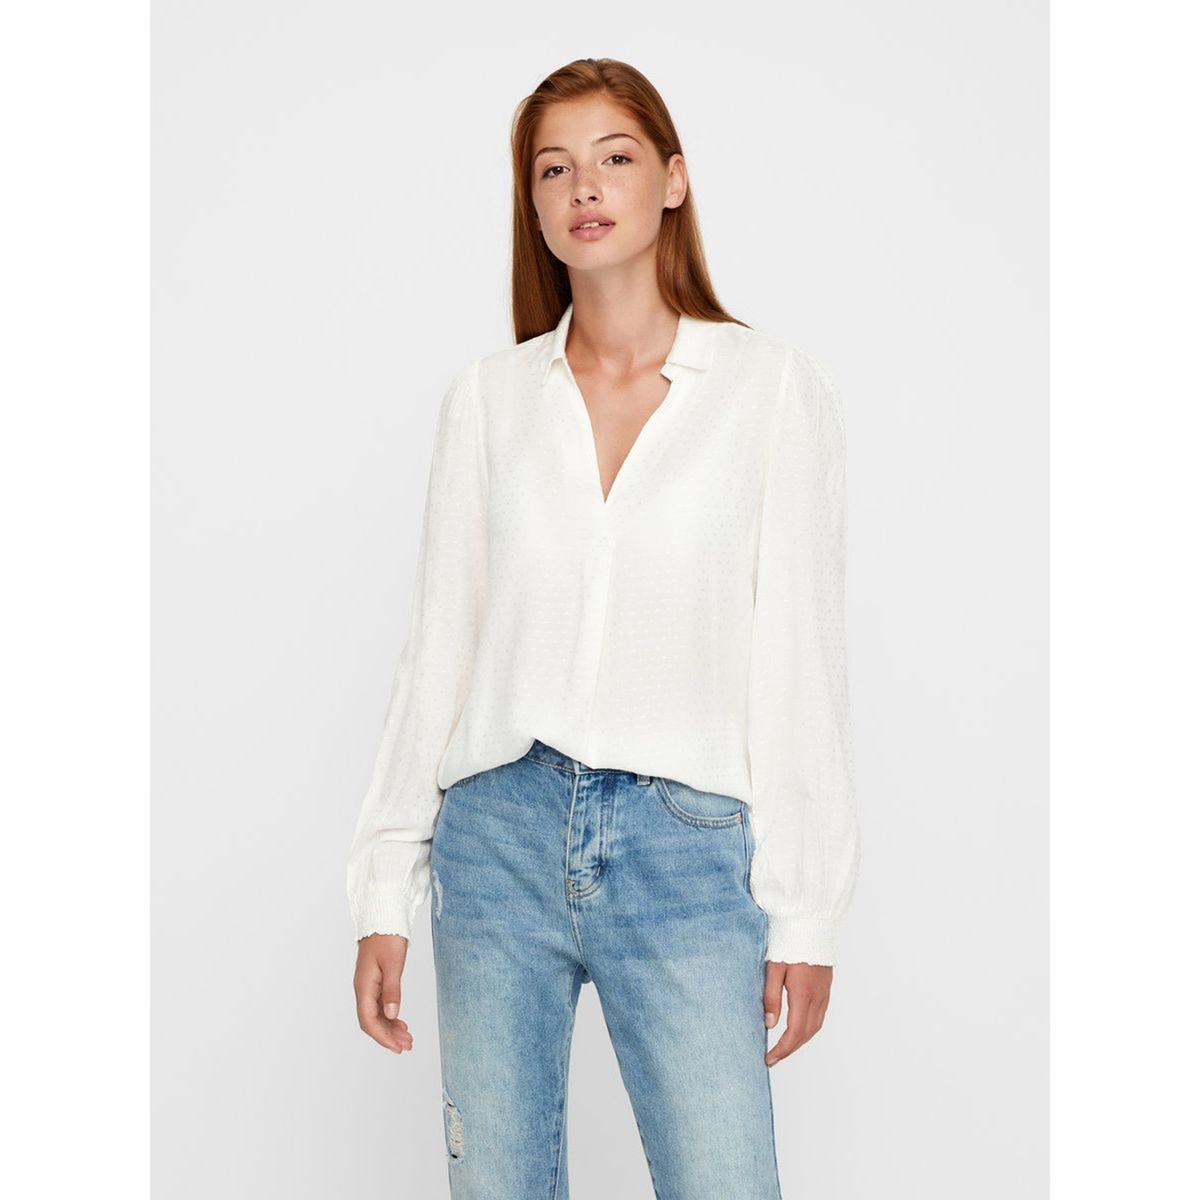 Блузка с V-образным вырезом, рисунком в горошек и длинными рукавами рубашка с круглым вырезом и рисунком в горошек